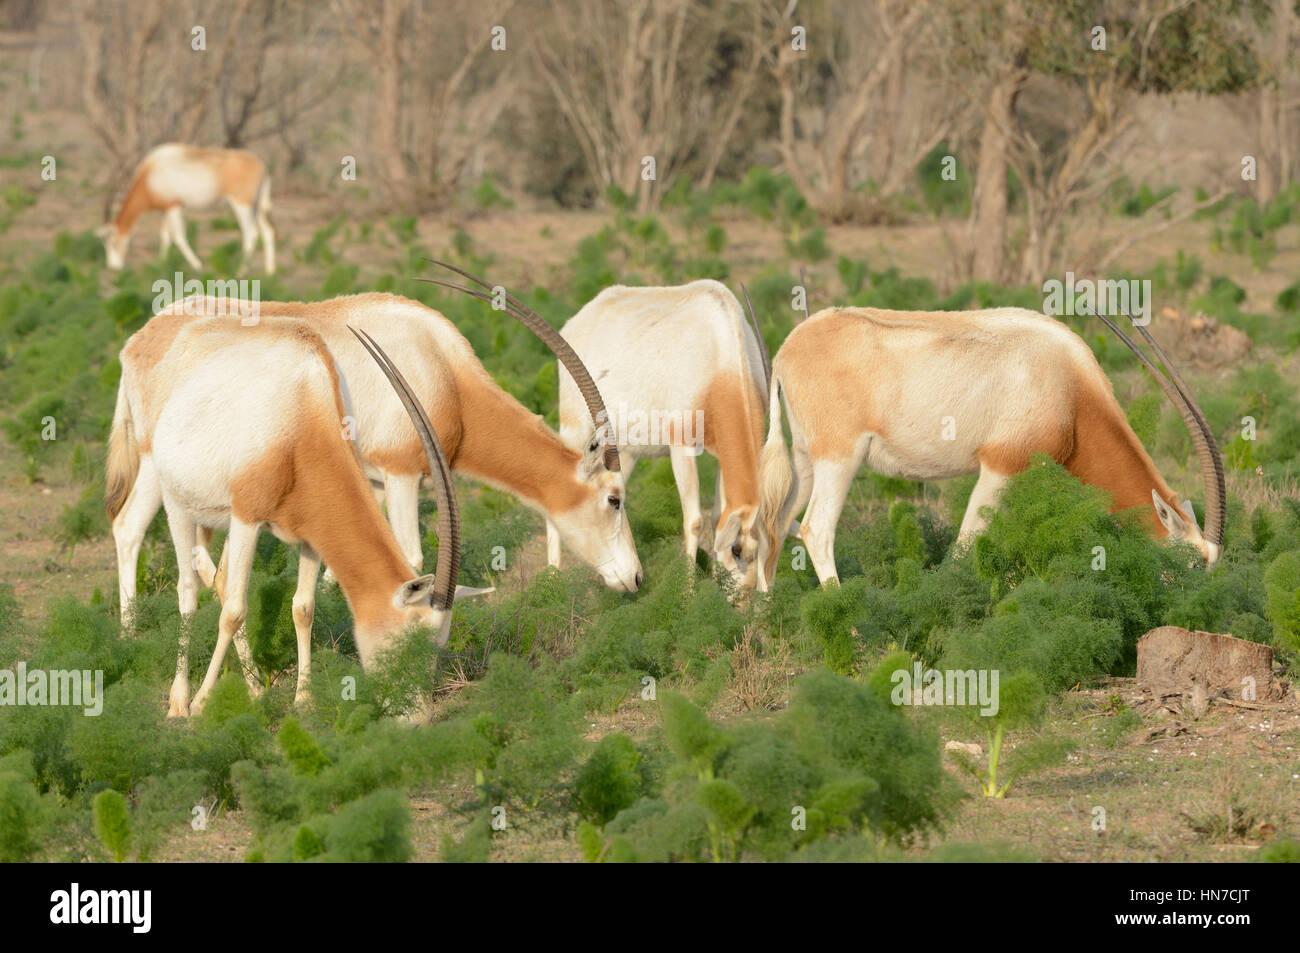 Scimitar-horned oryx Oryx dammah éteint à l'état sauvage de ces animaux détenus dans de vastes enclos naturels dans le Parc National de Souss Massa, Maroc Banque D'Images